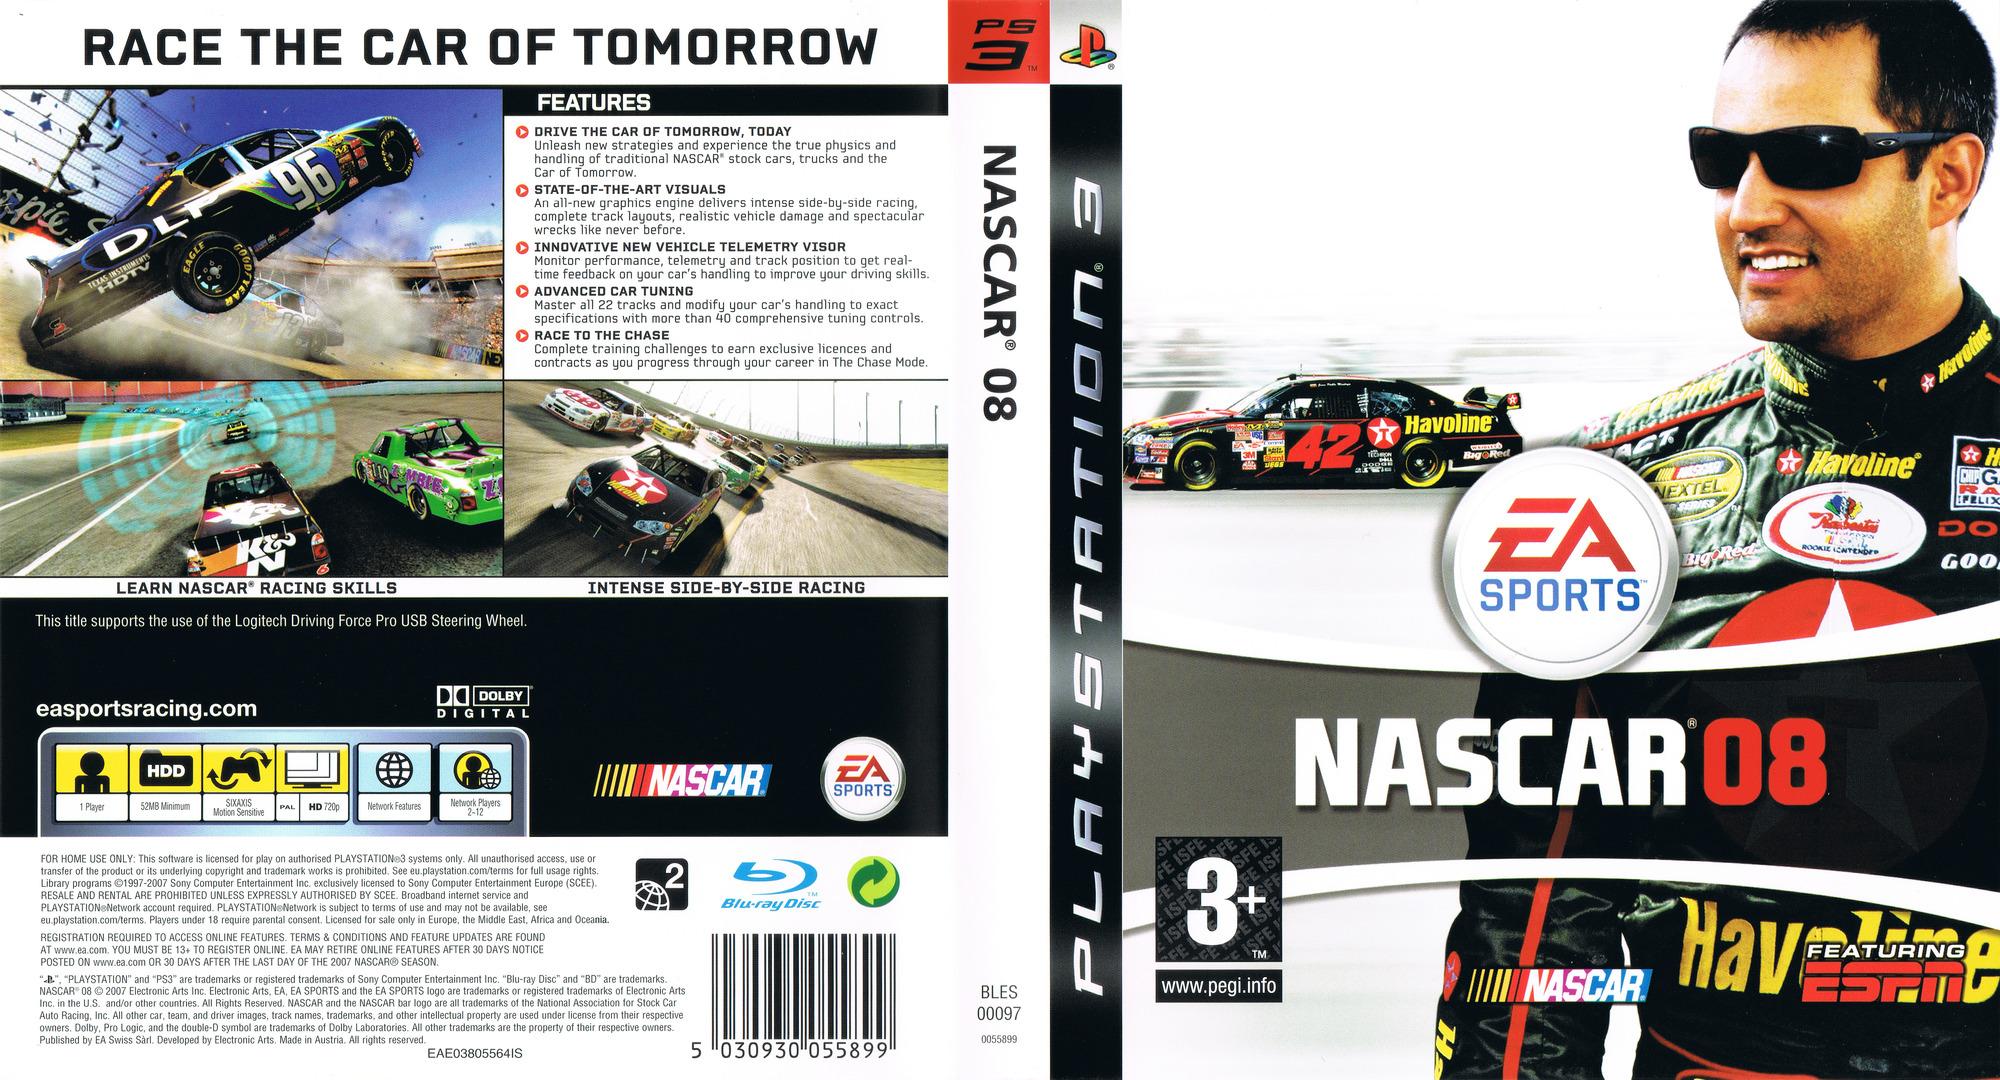 Nascar Racing Games >> BLES00097 - NASCAR 08